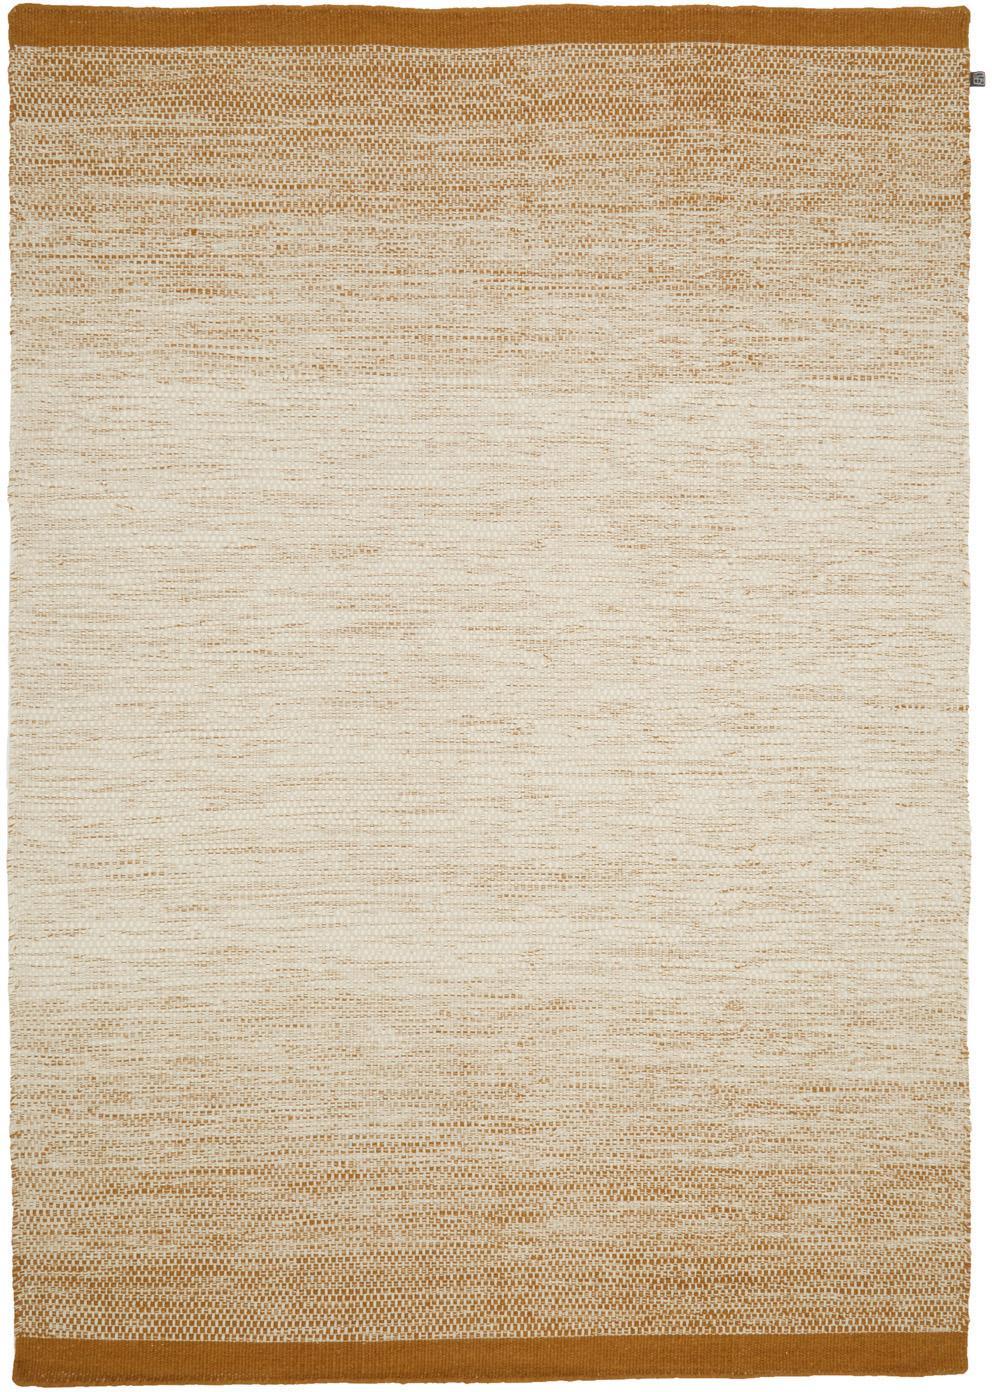 Tappeto in lana tessuto a mano Lule, 70% lana, 30% cotone, Giallo ocra, beige, Larg. 140 x Lung. 200 cm (taglia S)